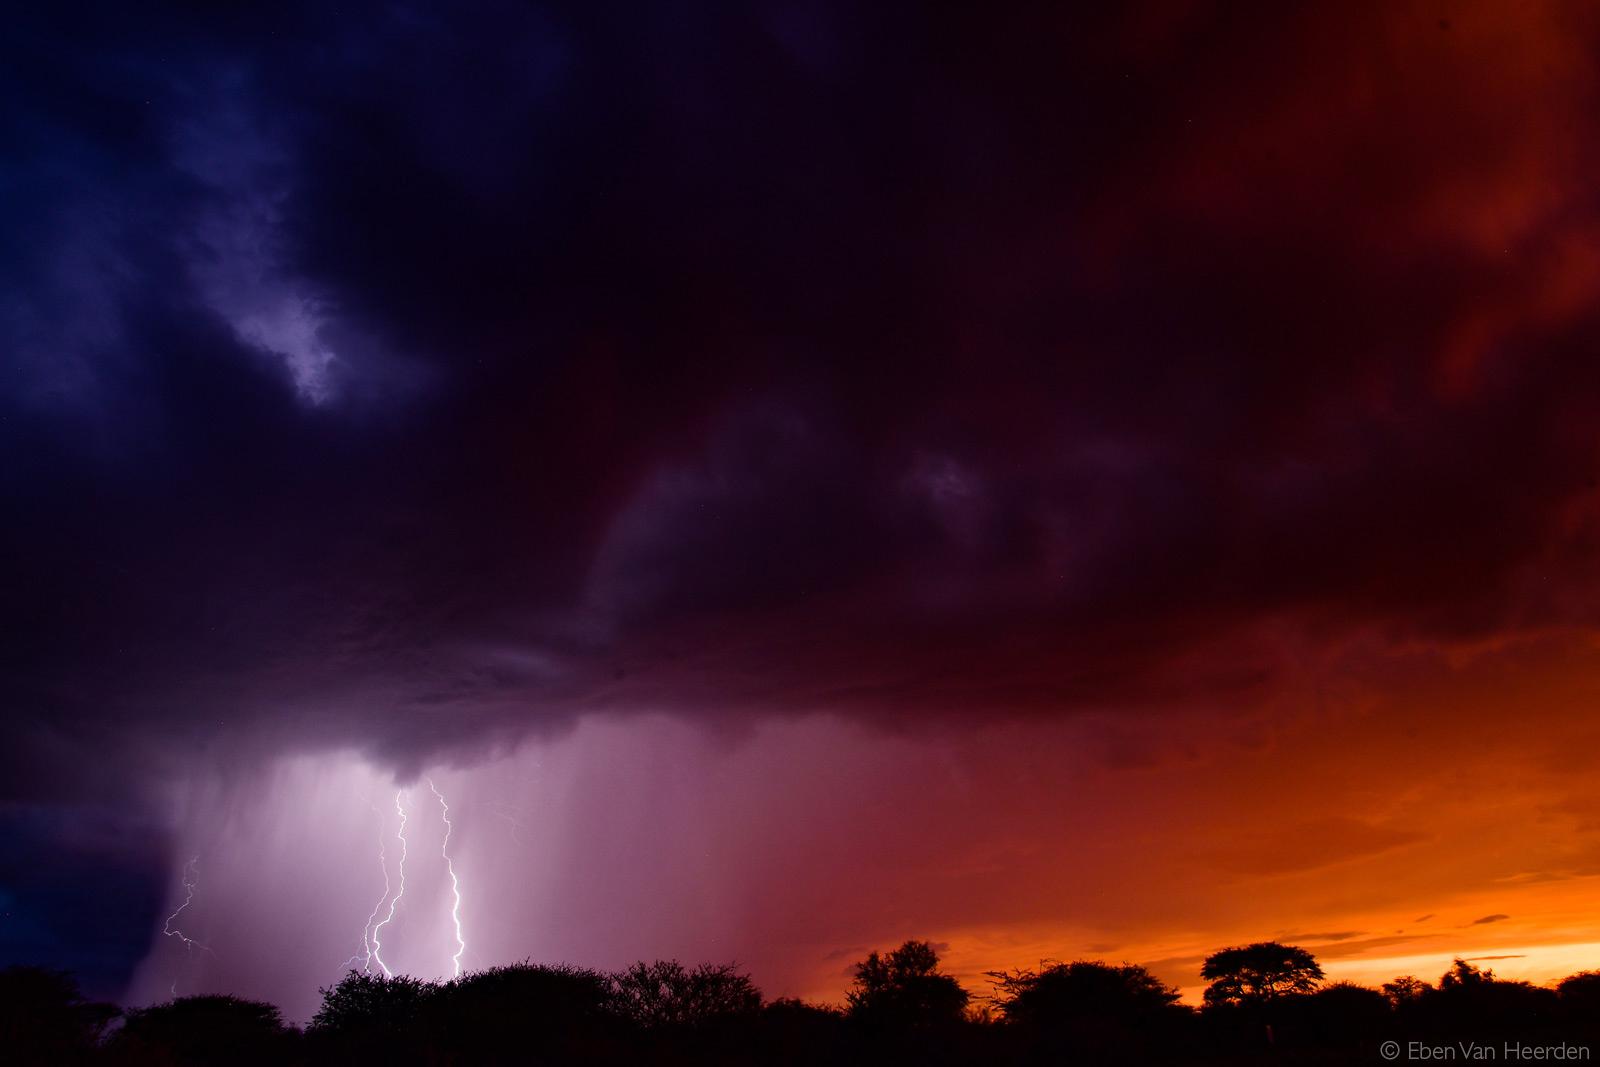 Lightning strikes as the sun sets. Kalahari Desert, Botswana © Eben Van Heerden